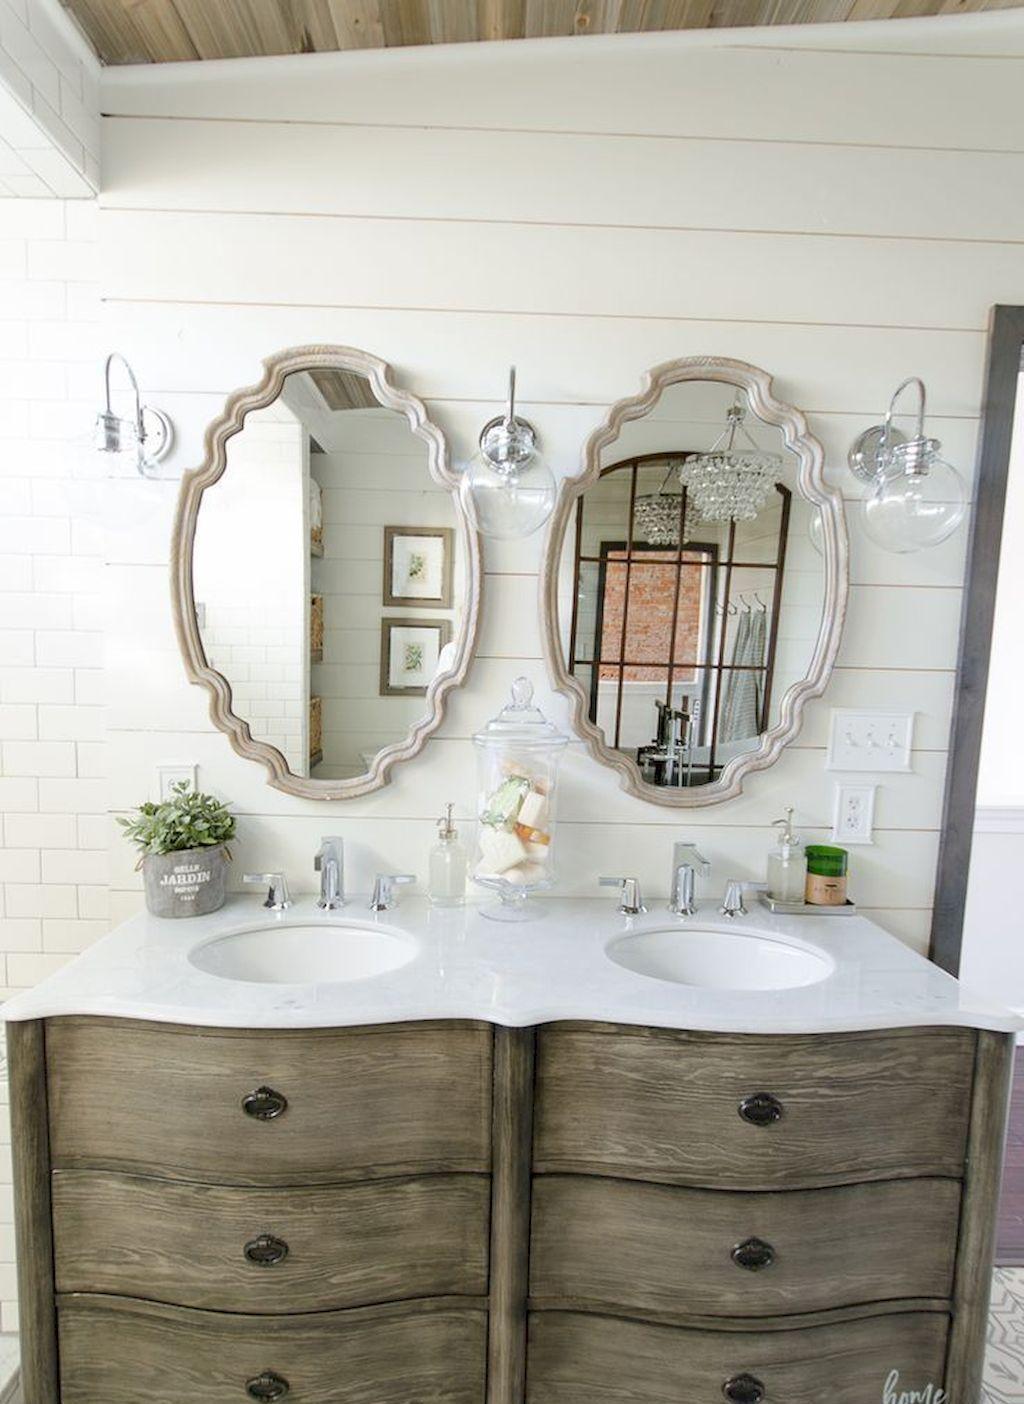 110 spectacular farmhouse bathroom decor ideas (50 | Pinterest ...